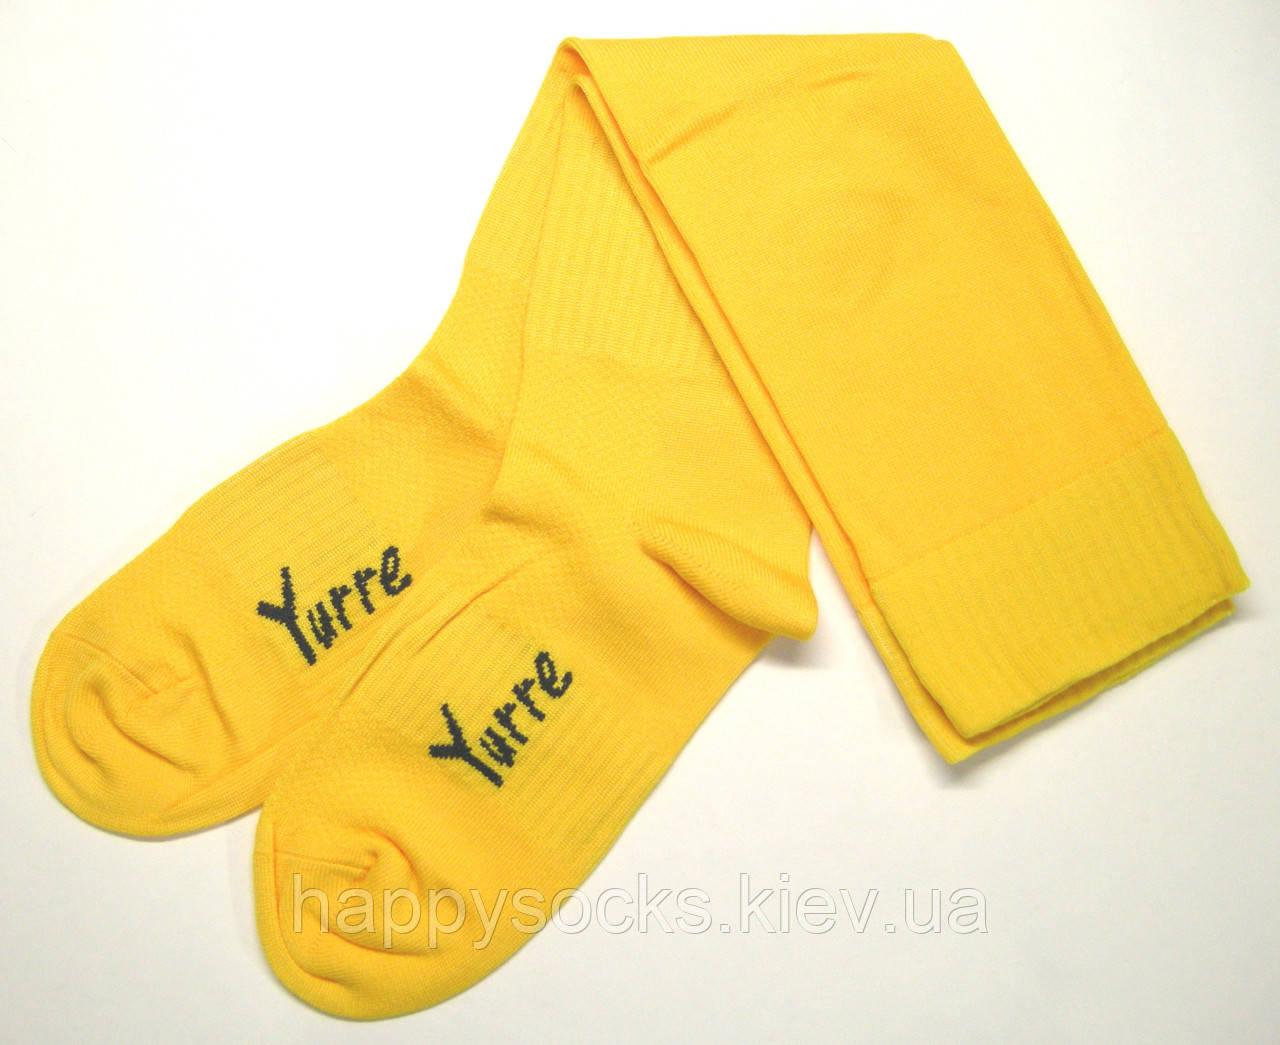 Мужские футбольные гетры желтого и лимонного цветов